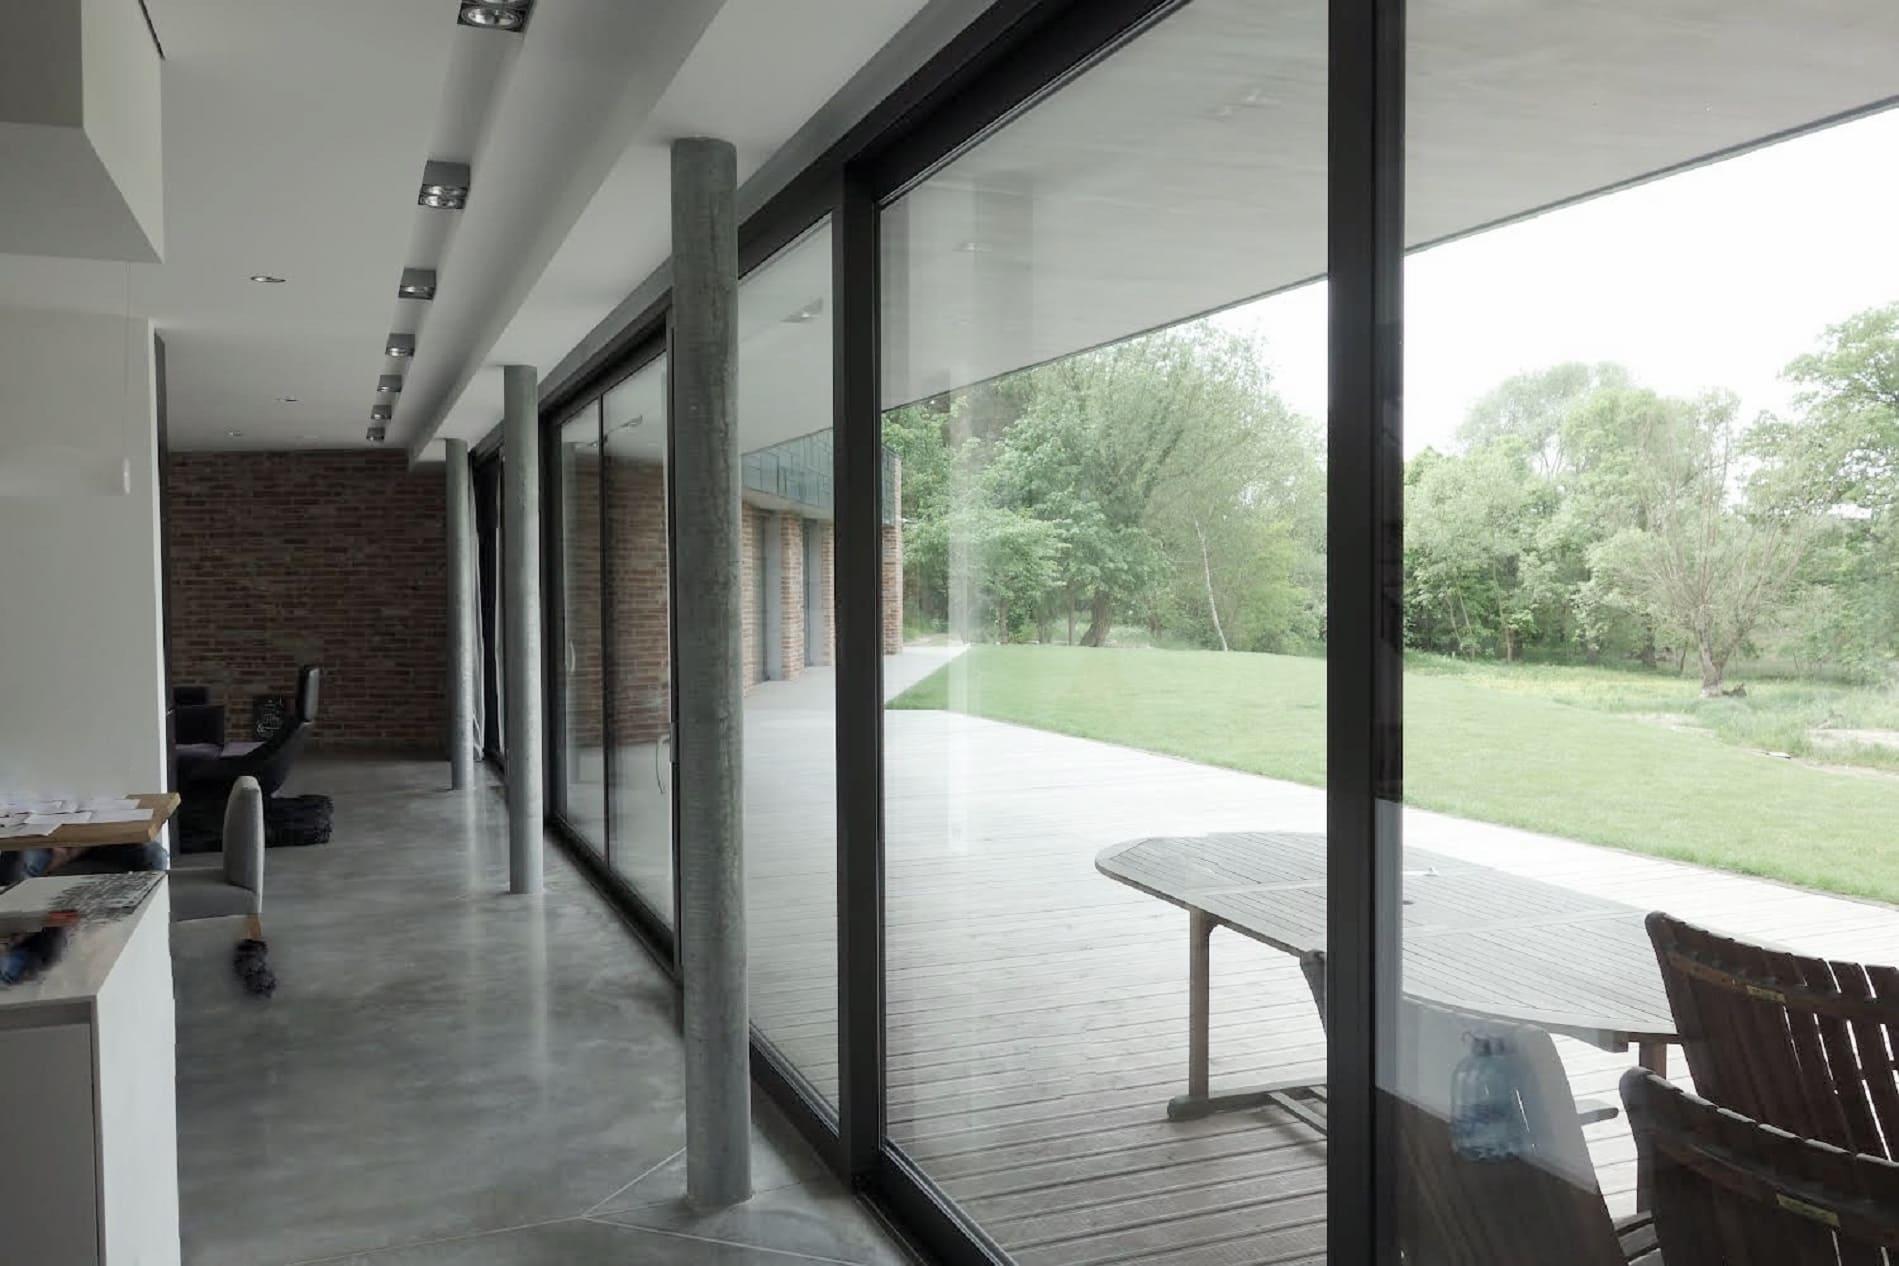 projekt architektoniczny wnętrza rezydencja pod Wrocławiem - projektowanie wnętrz Prima Wrocław (6)